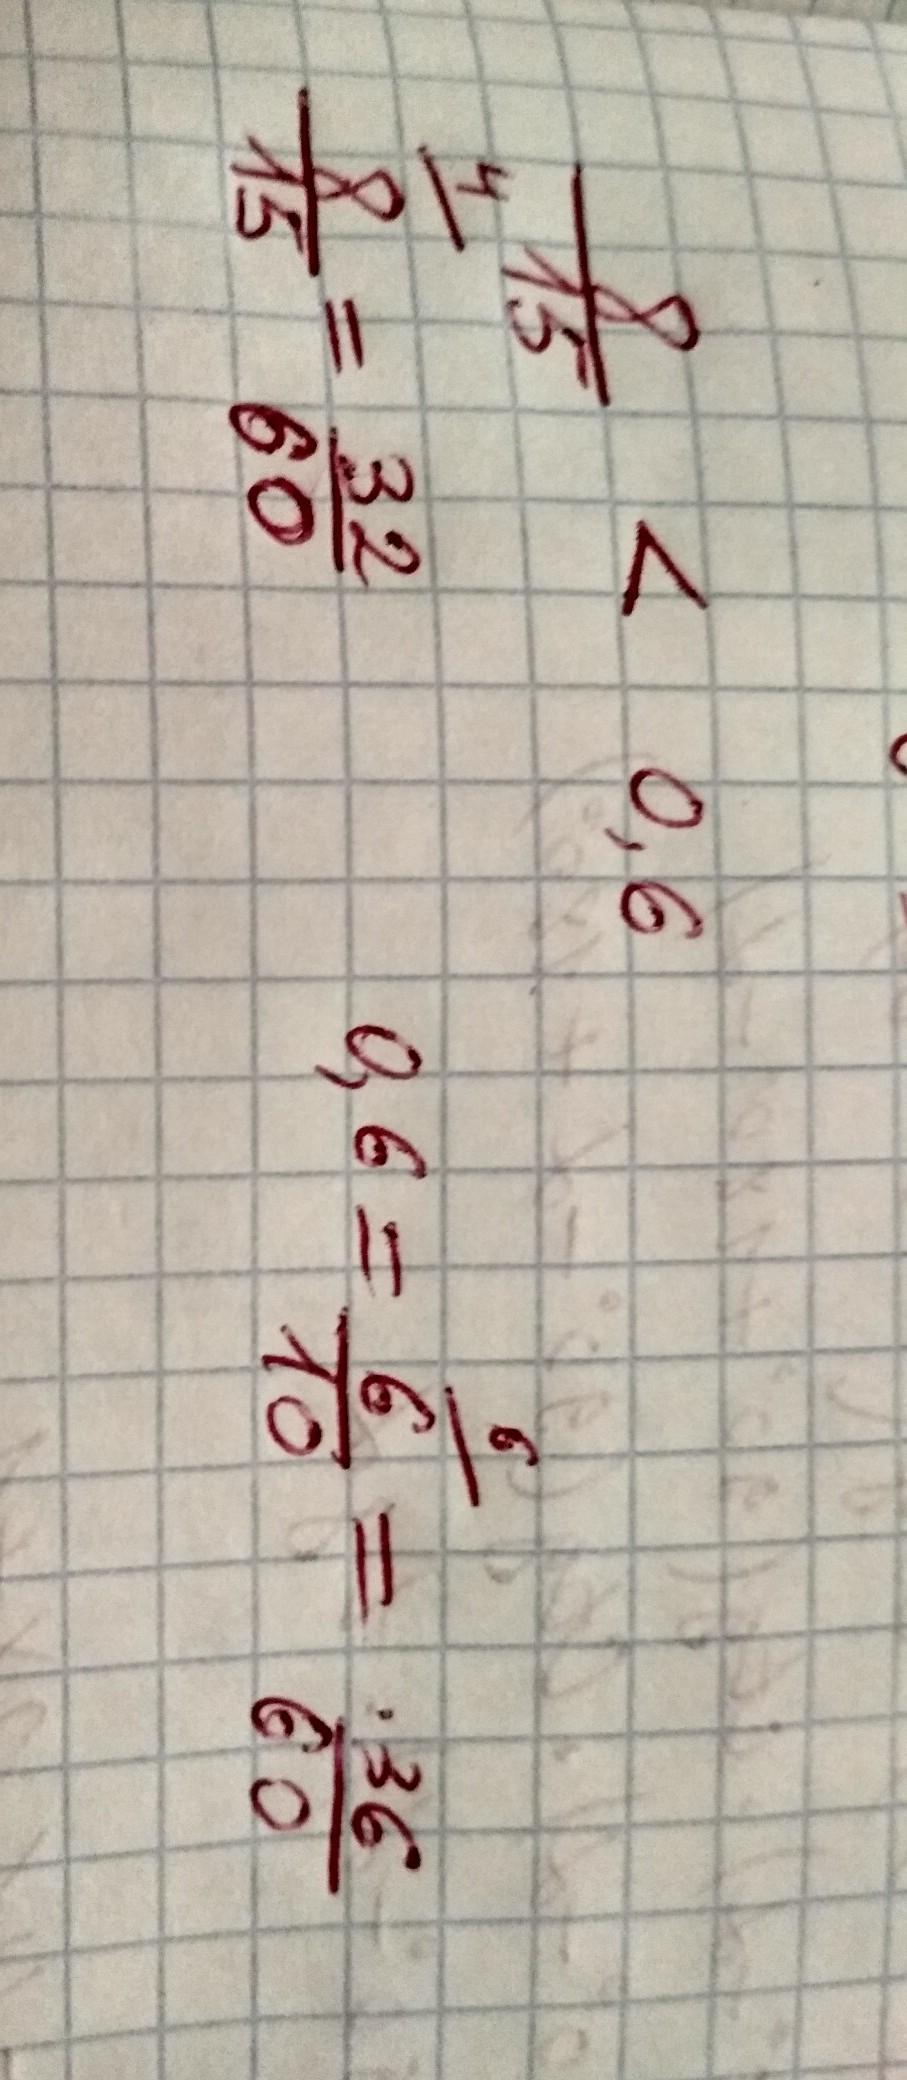 Как это сделать? Напишите ответ, пожалуйста! 